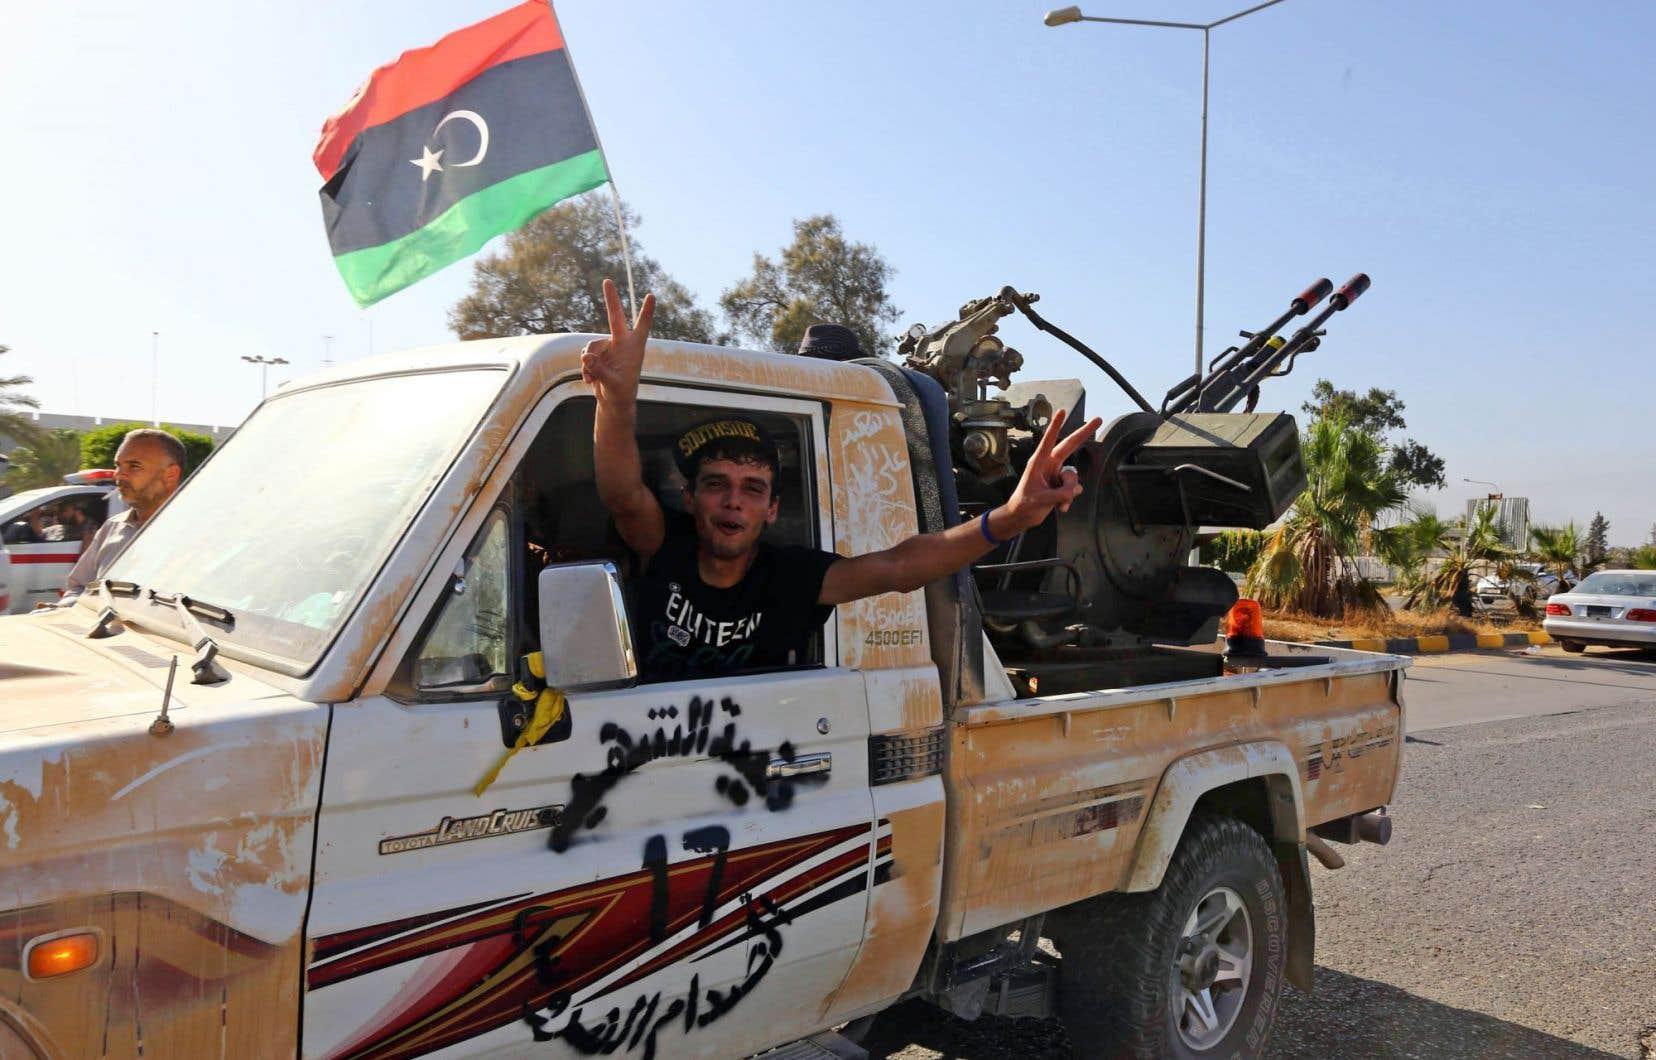 Dans cette guerre ouverte, des milices djihadistes comme Fajr Libya (Aube de la Libye) ont cherché a sécuriser leur position en délogeant notamment les miliciens de Zenten de l'aéroport de Tripoli.